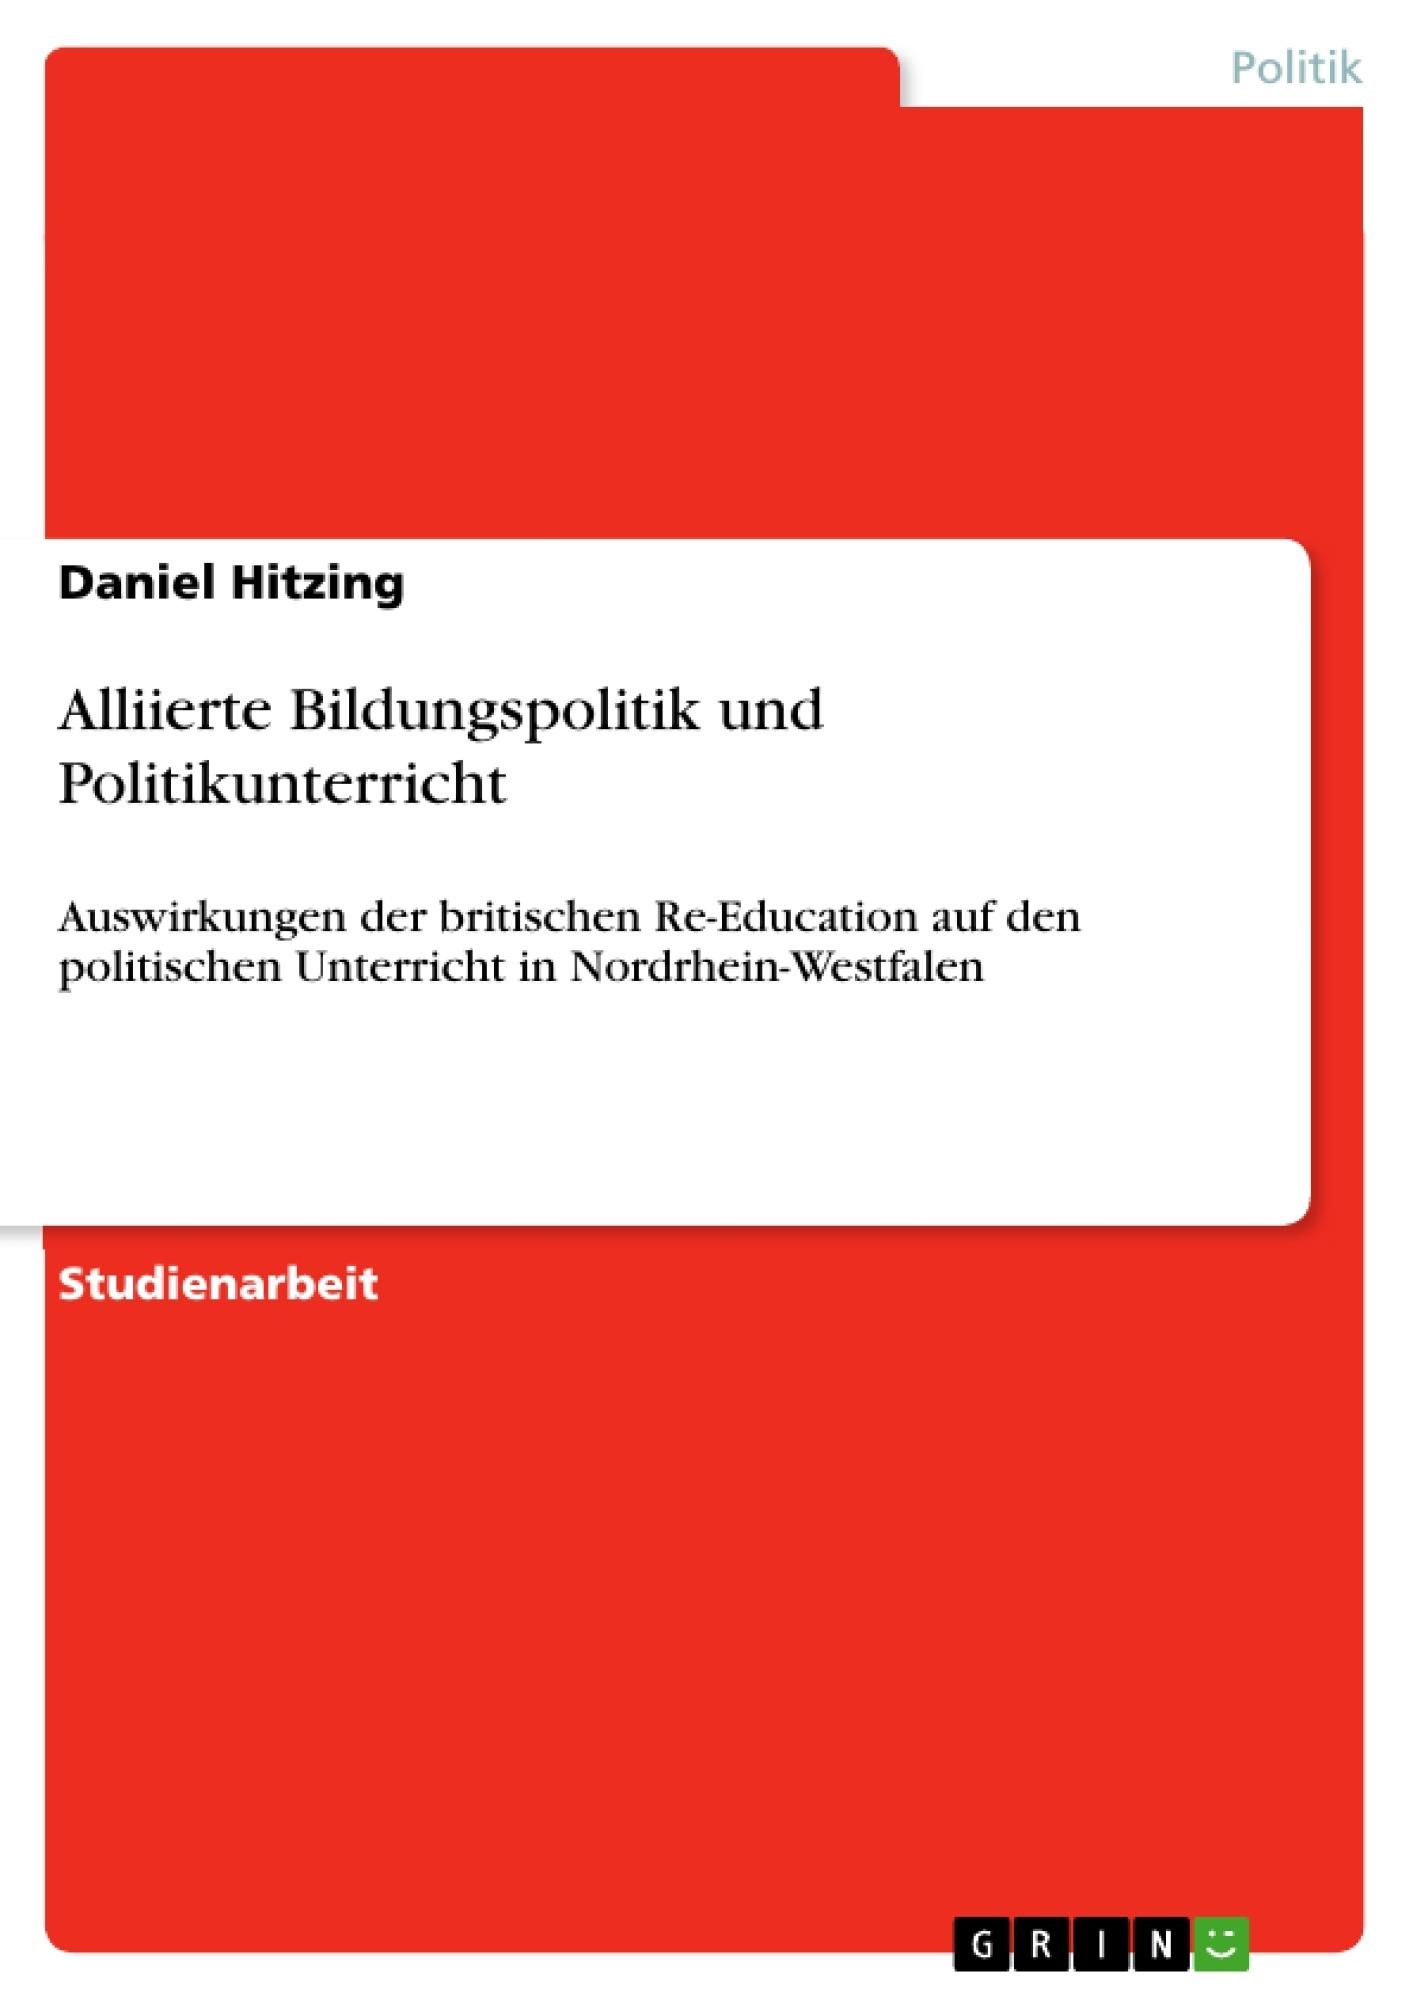 Titel: Alliierte Bildungspolitik und Politikunterricht